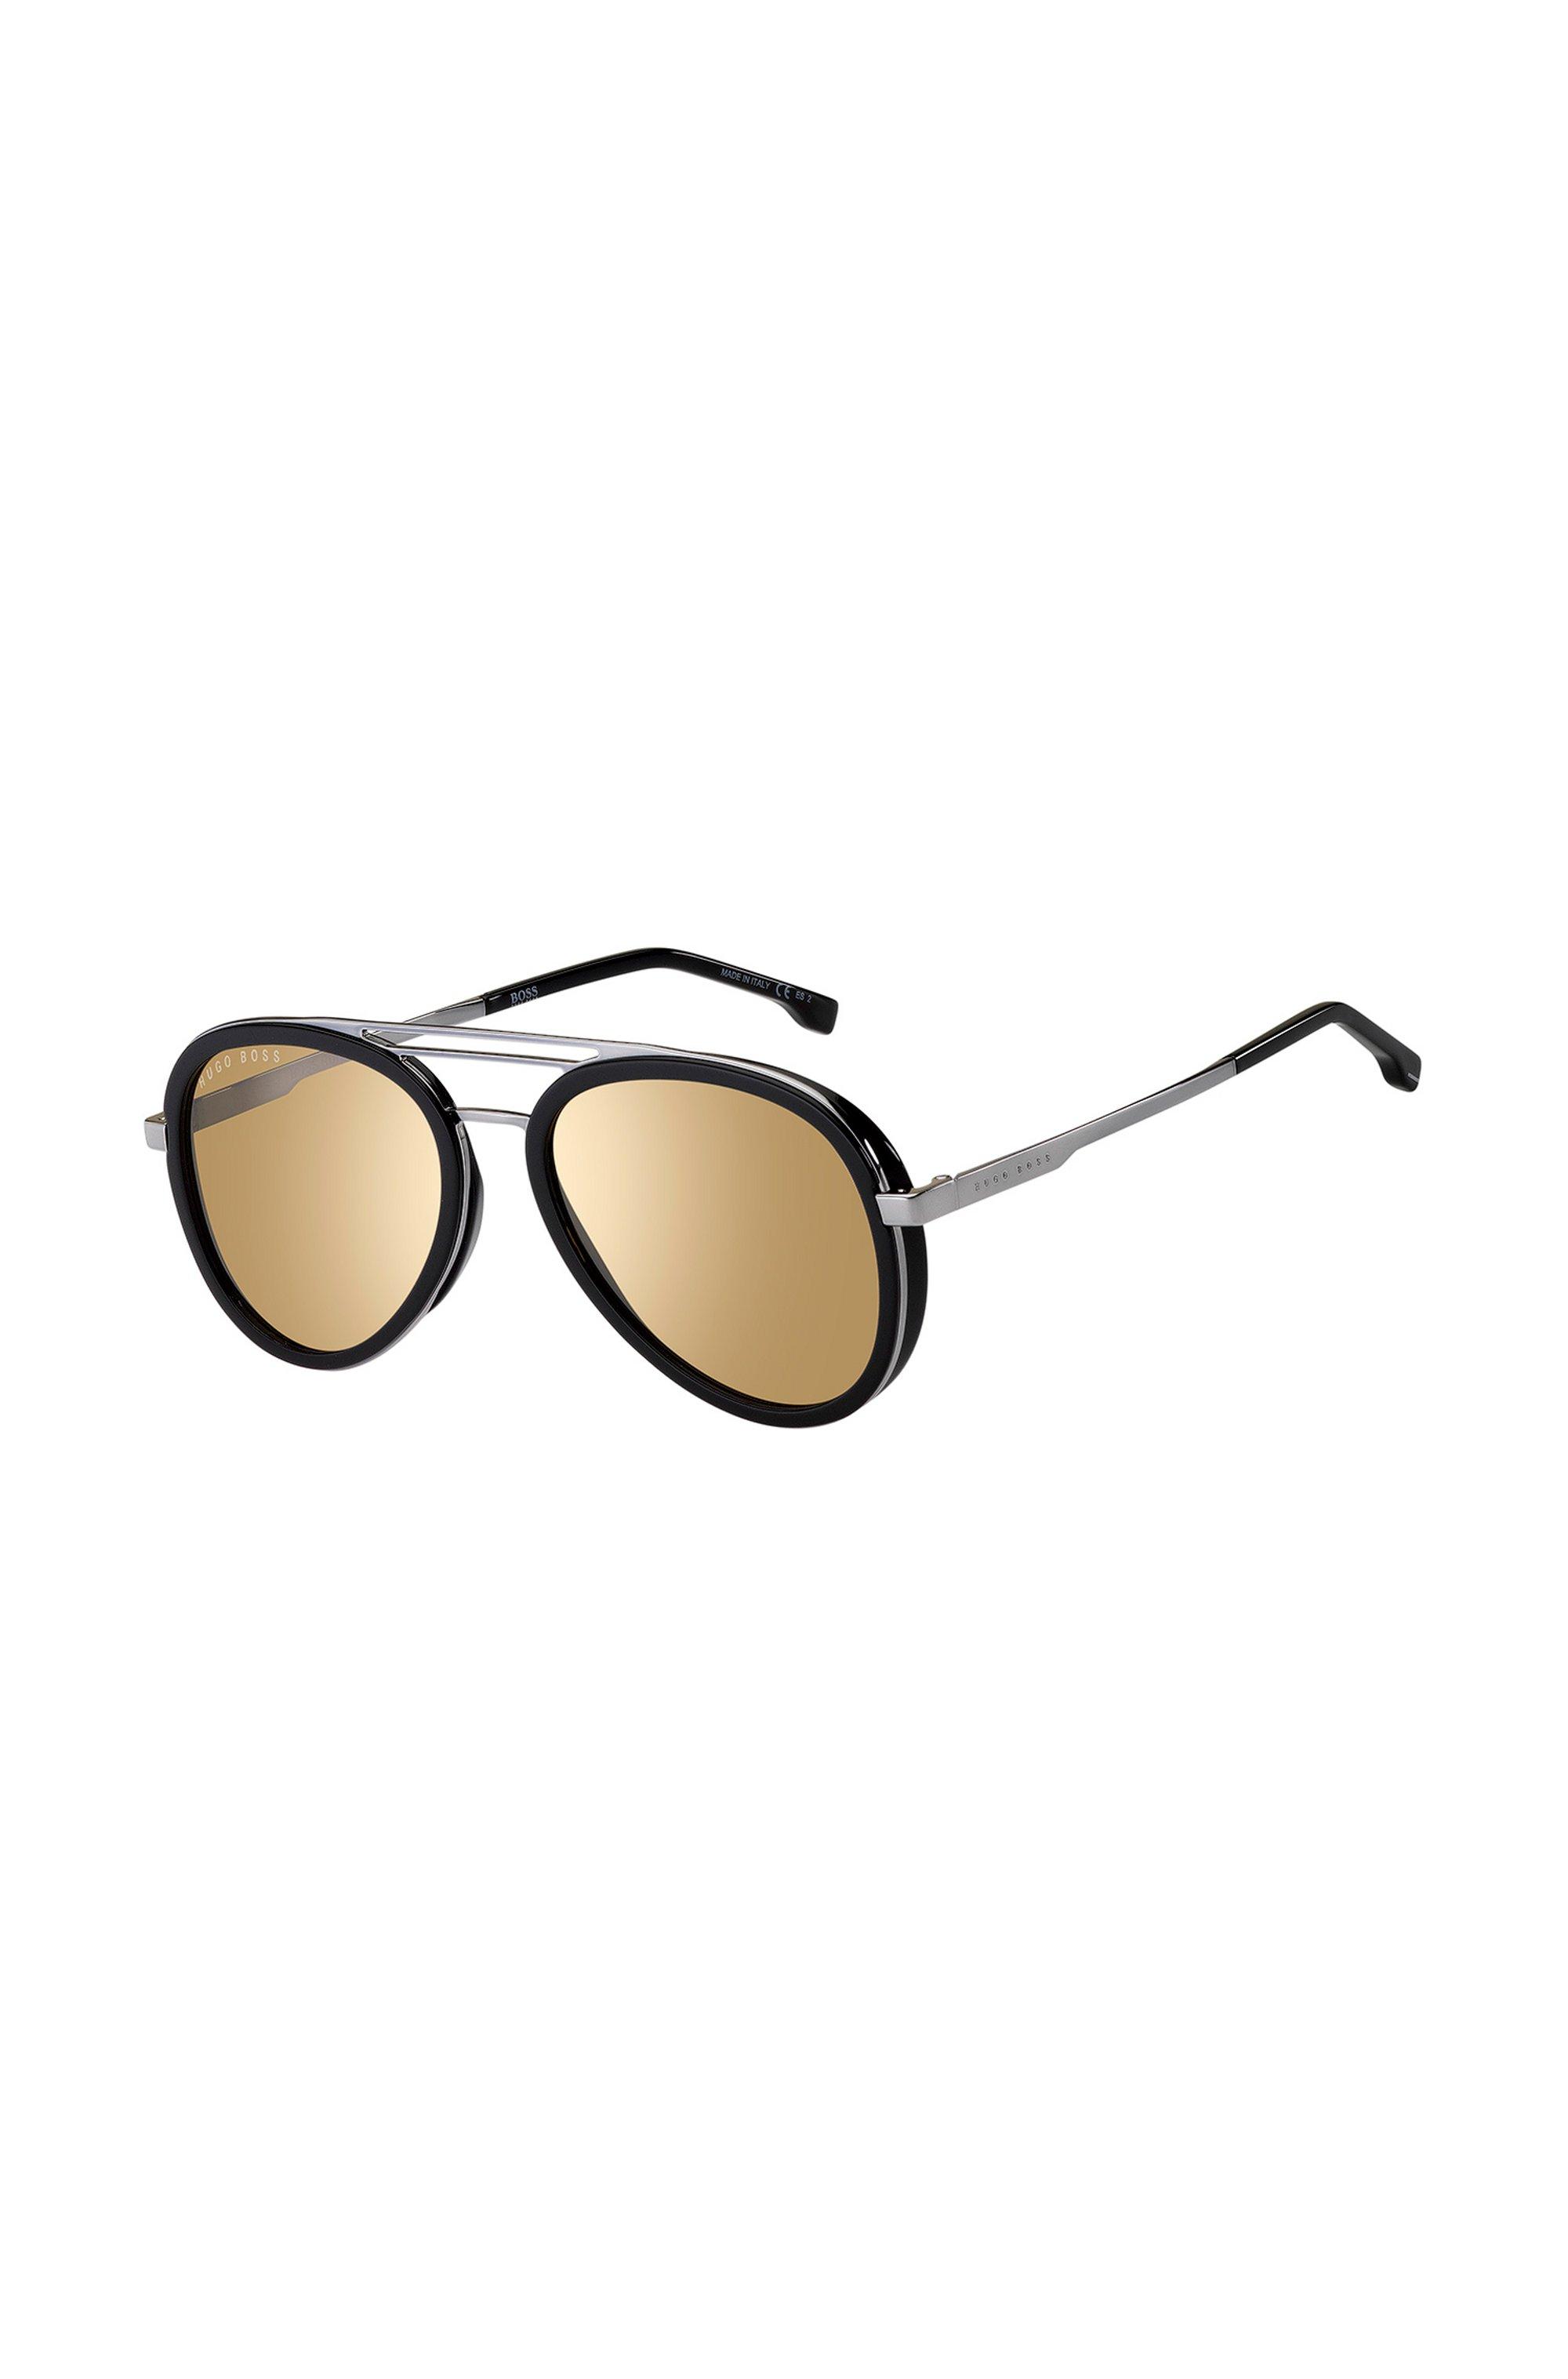 Sonnenbrille mit dreifachem Steg und schwarz-silberner Fassung, Assorted-Pre-Pack